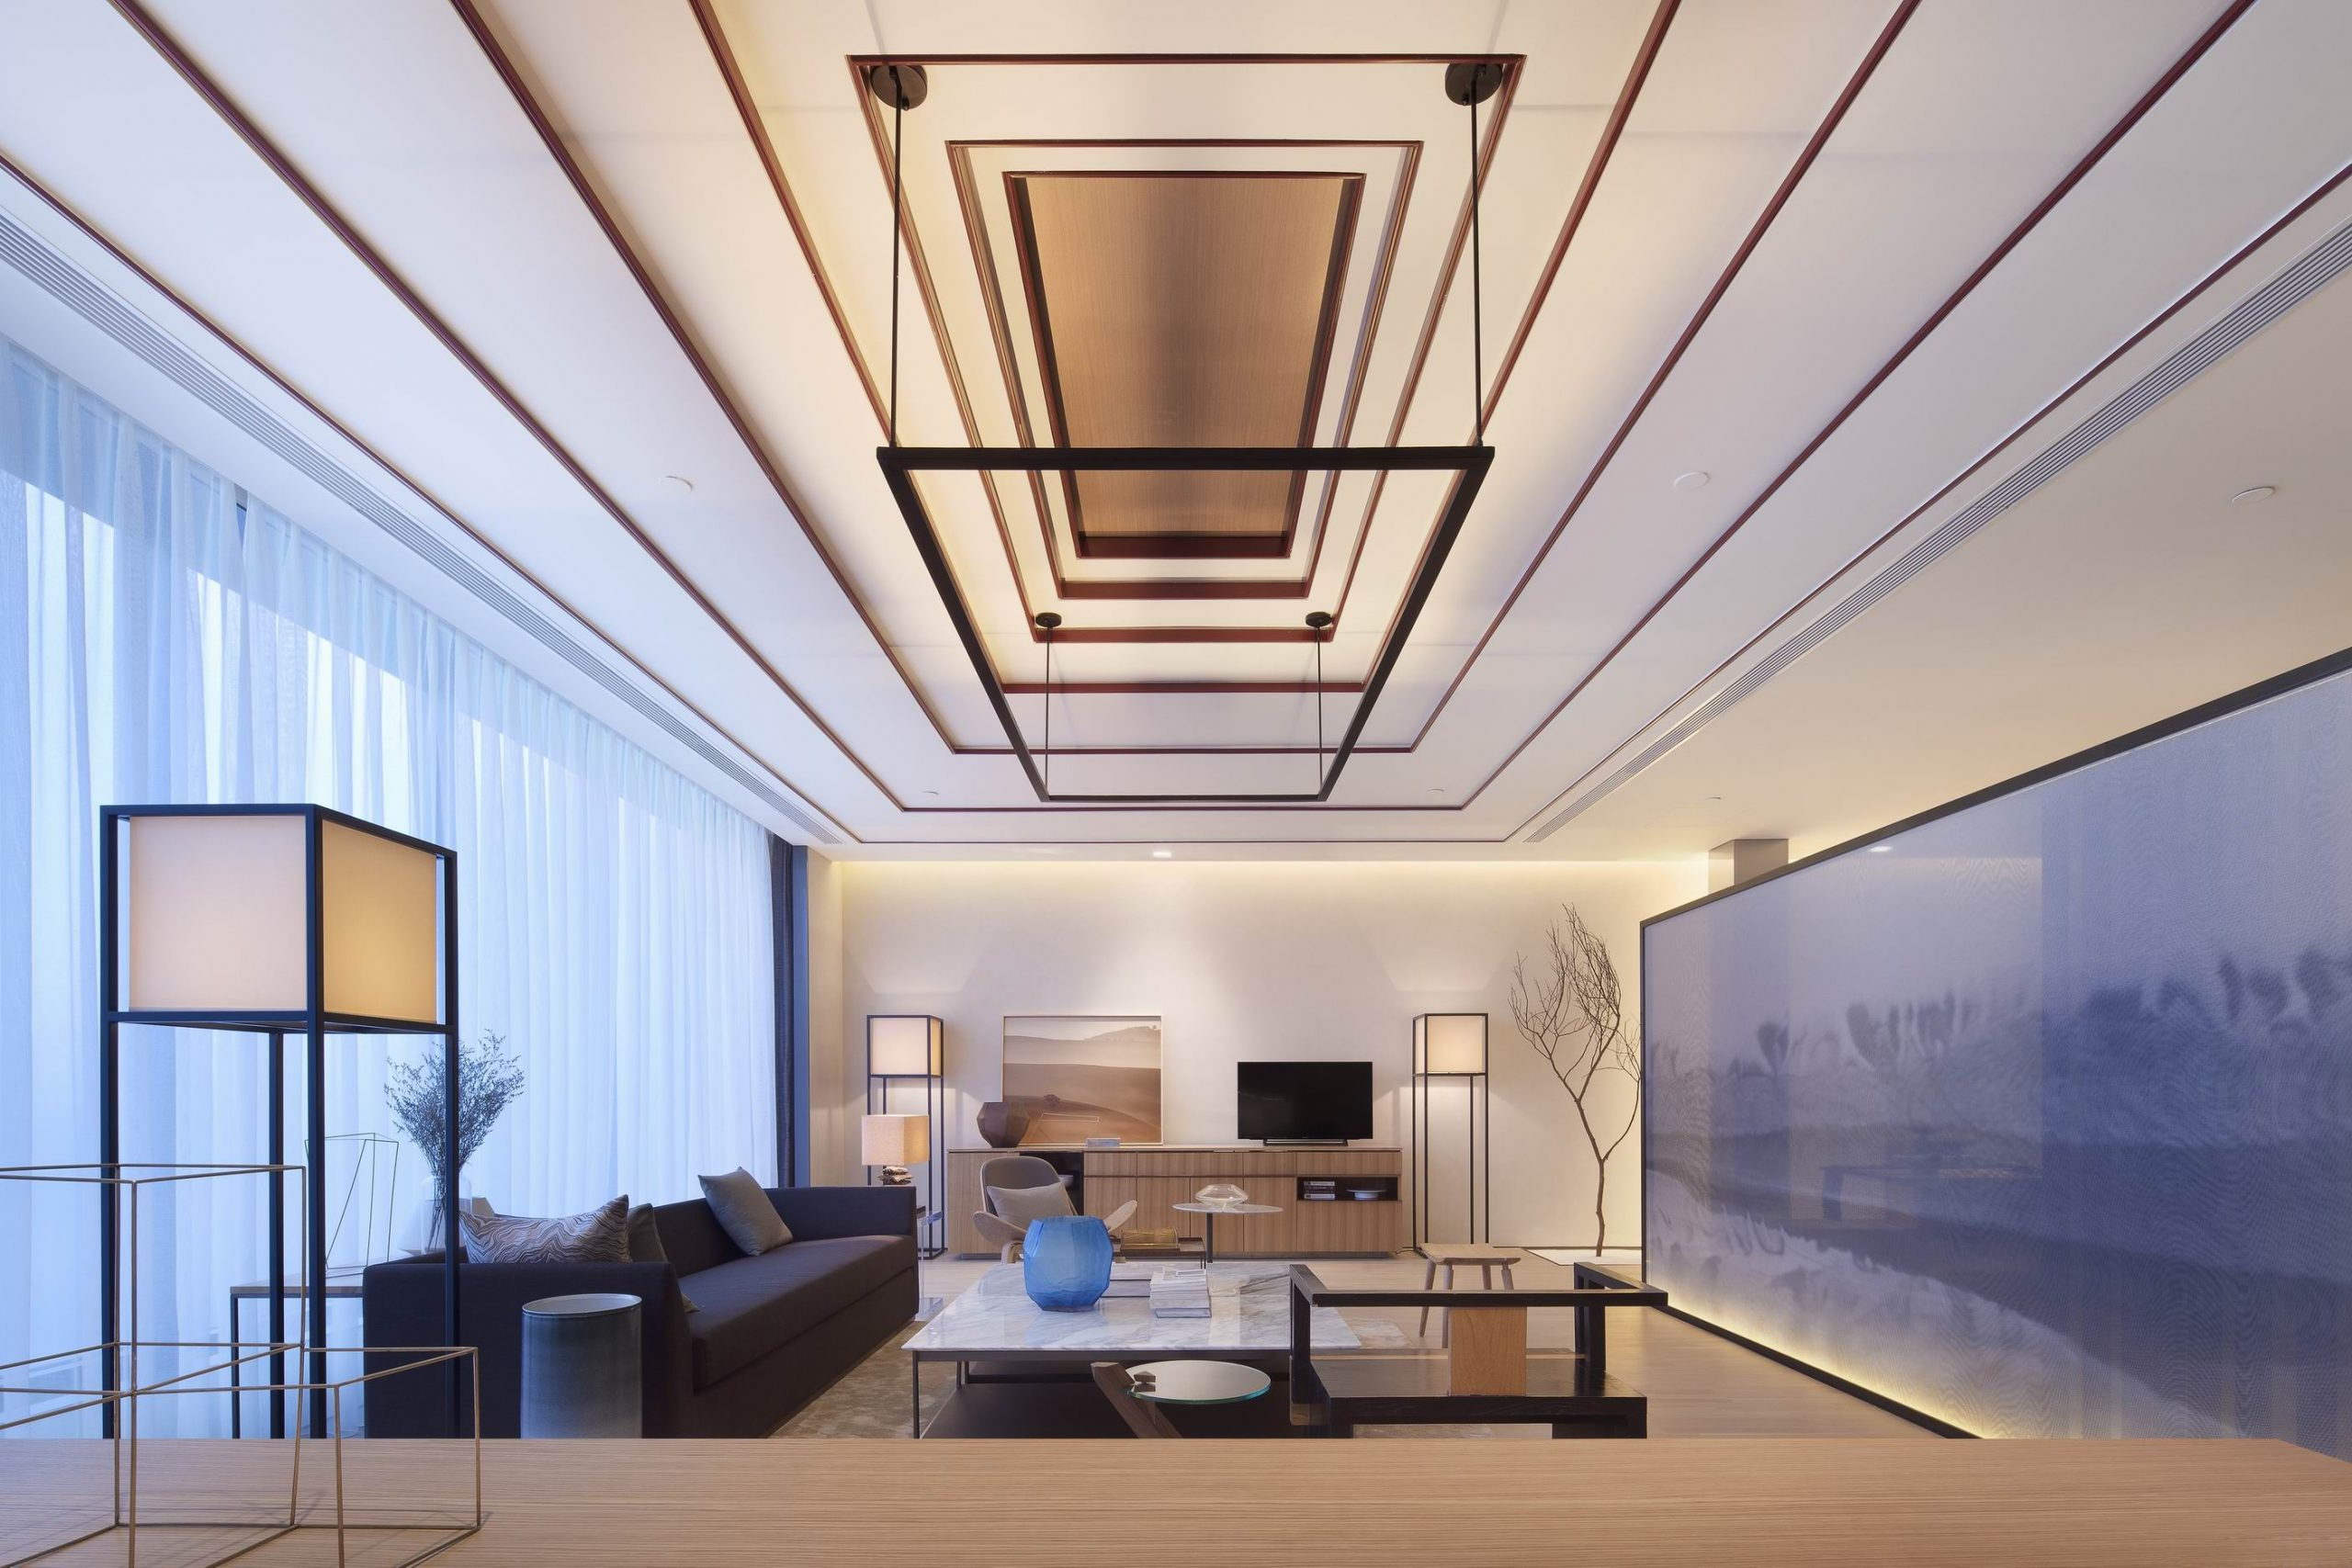 Công ty nội thất Inest thiết kế căn hộ với phong cách tối giản